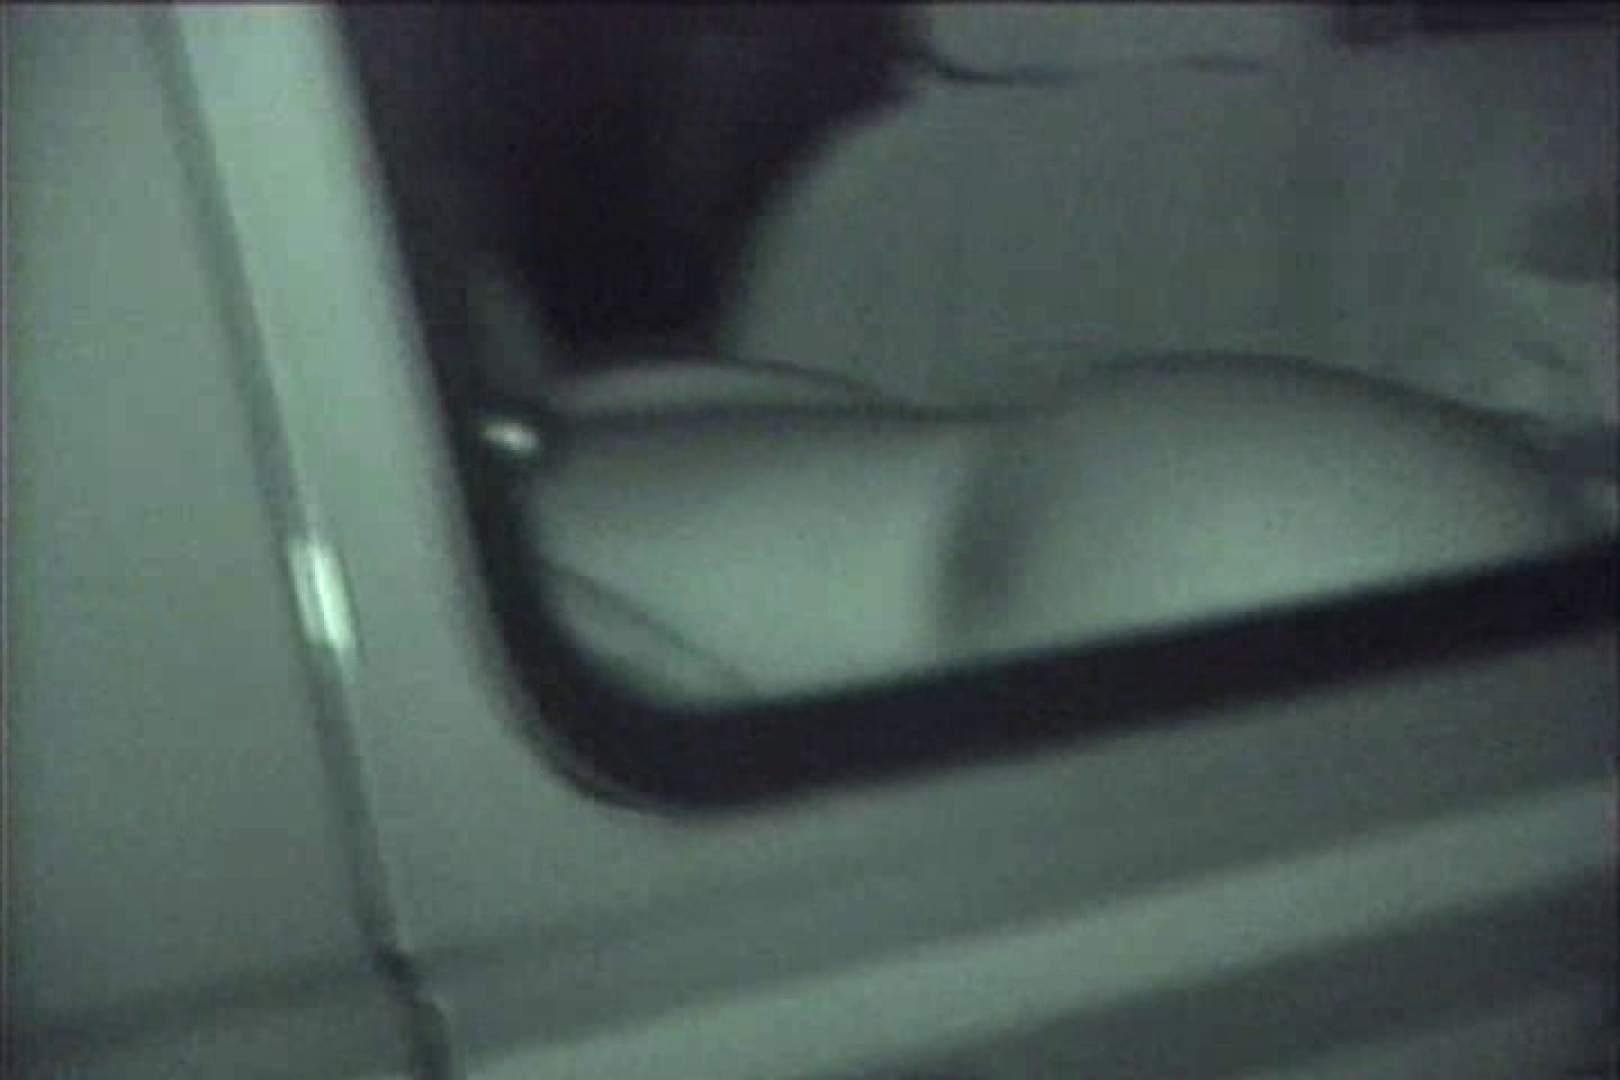 車の中はラブホテル 無修正版  Vol.16 車 エロ画像 96枚